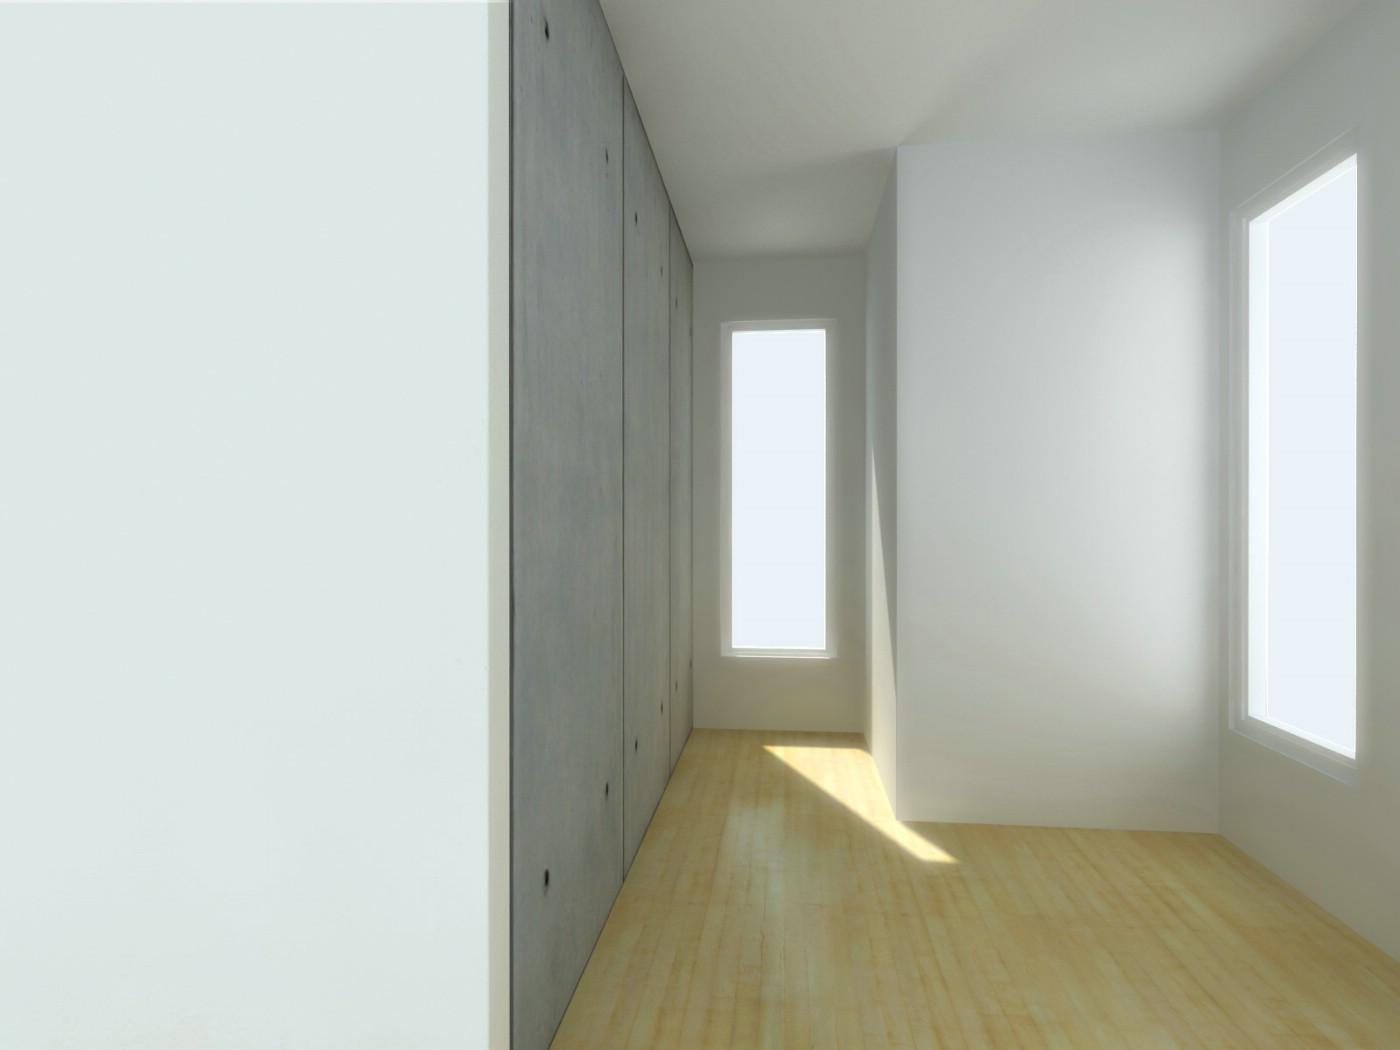 壁纸1400×1050现代简约建筑设计壁纸 壁纸7壁纸 现代简约建筑设计壁纸壁纸图片建筑壁纸建筑图片素材桌面壁纸